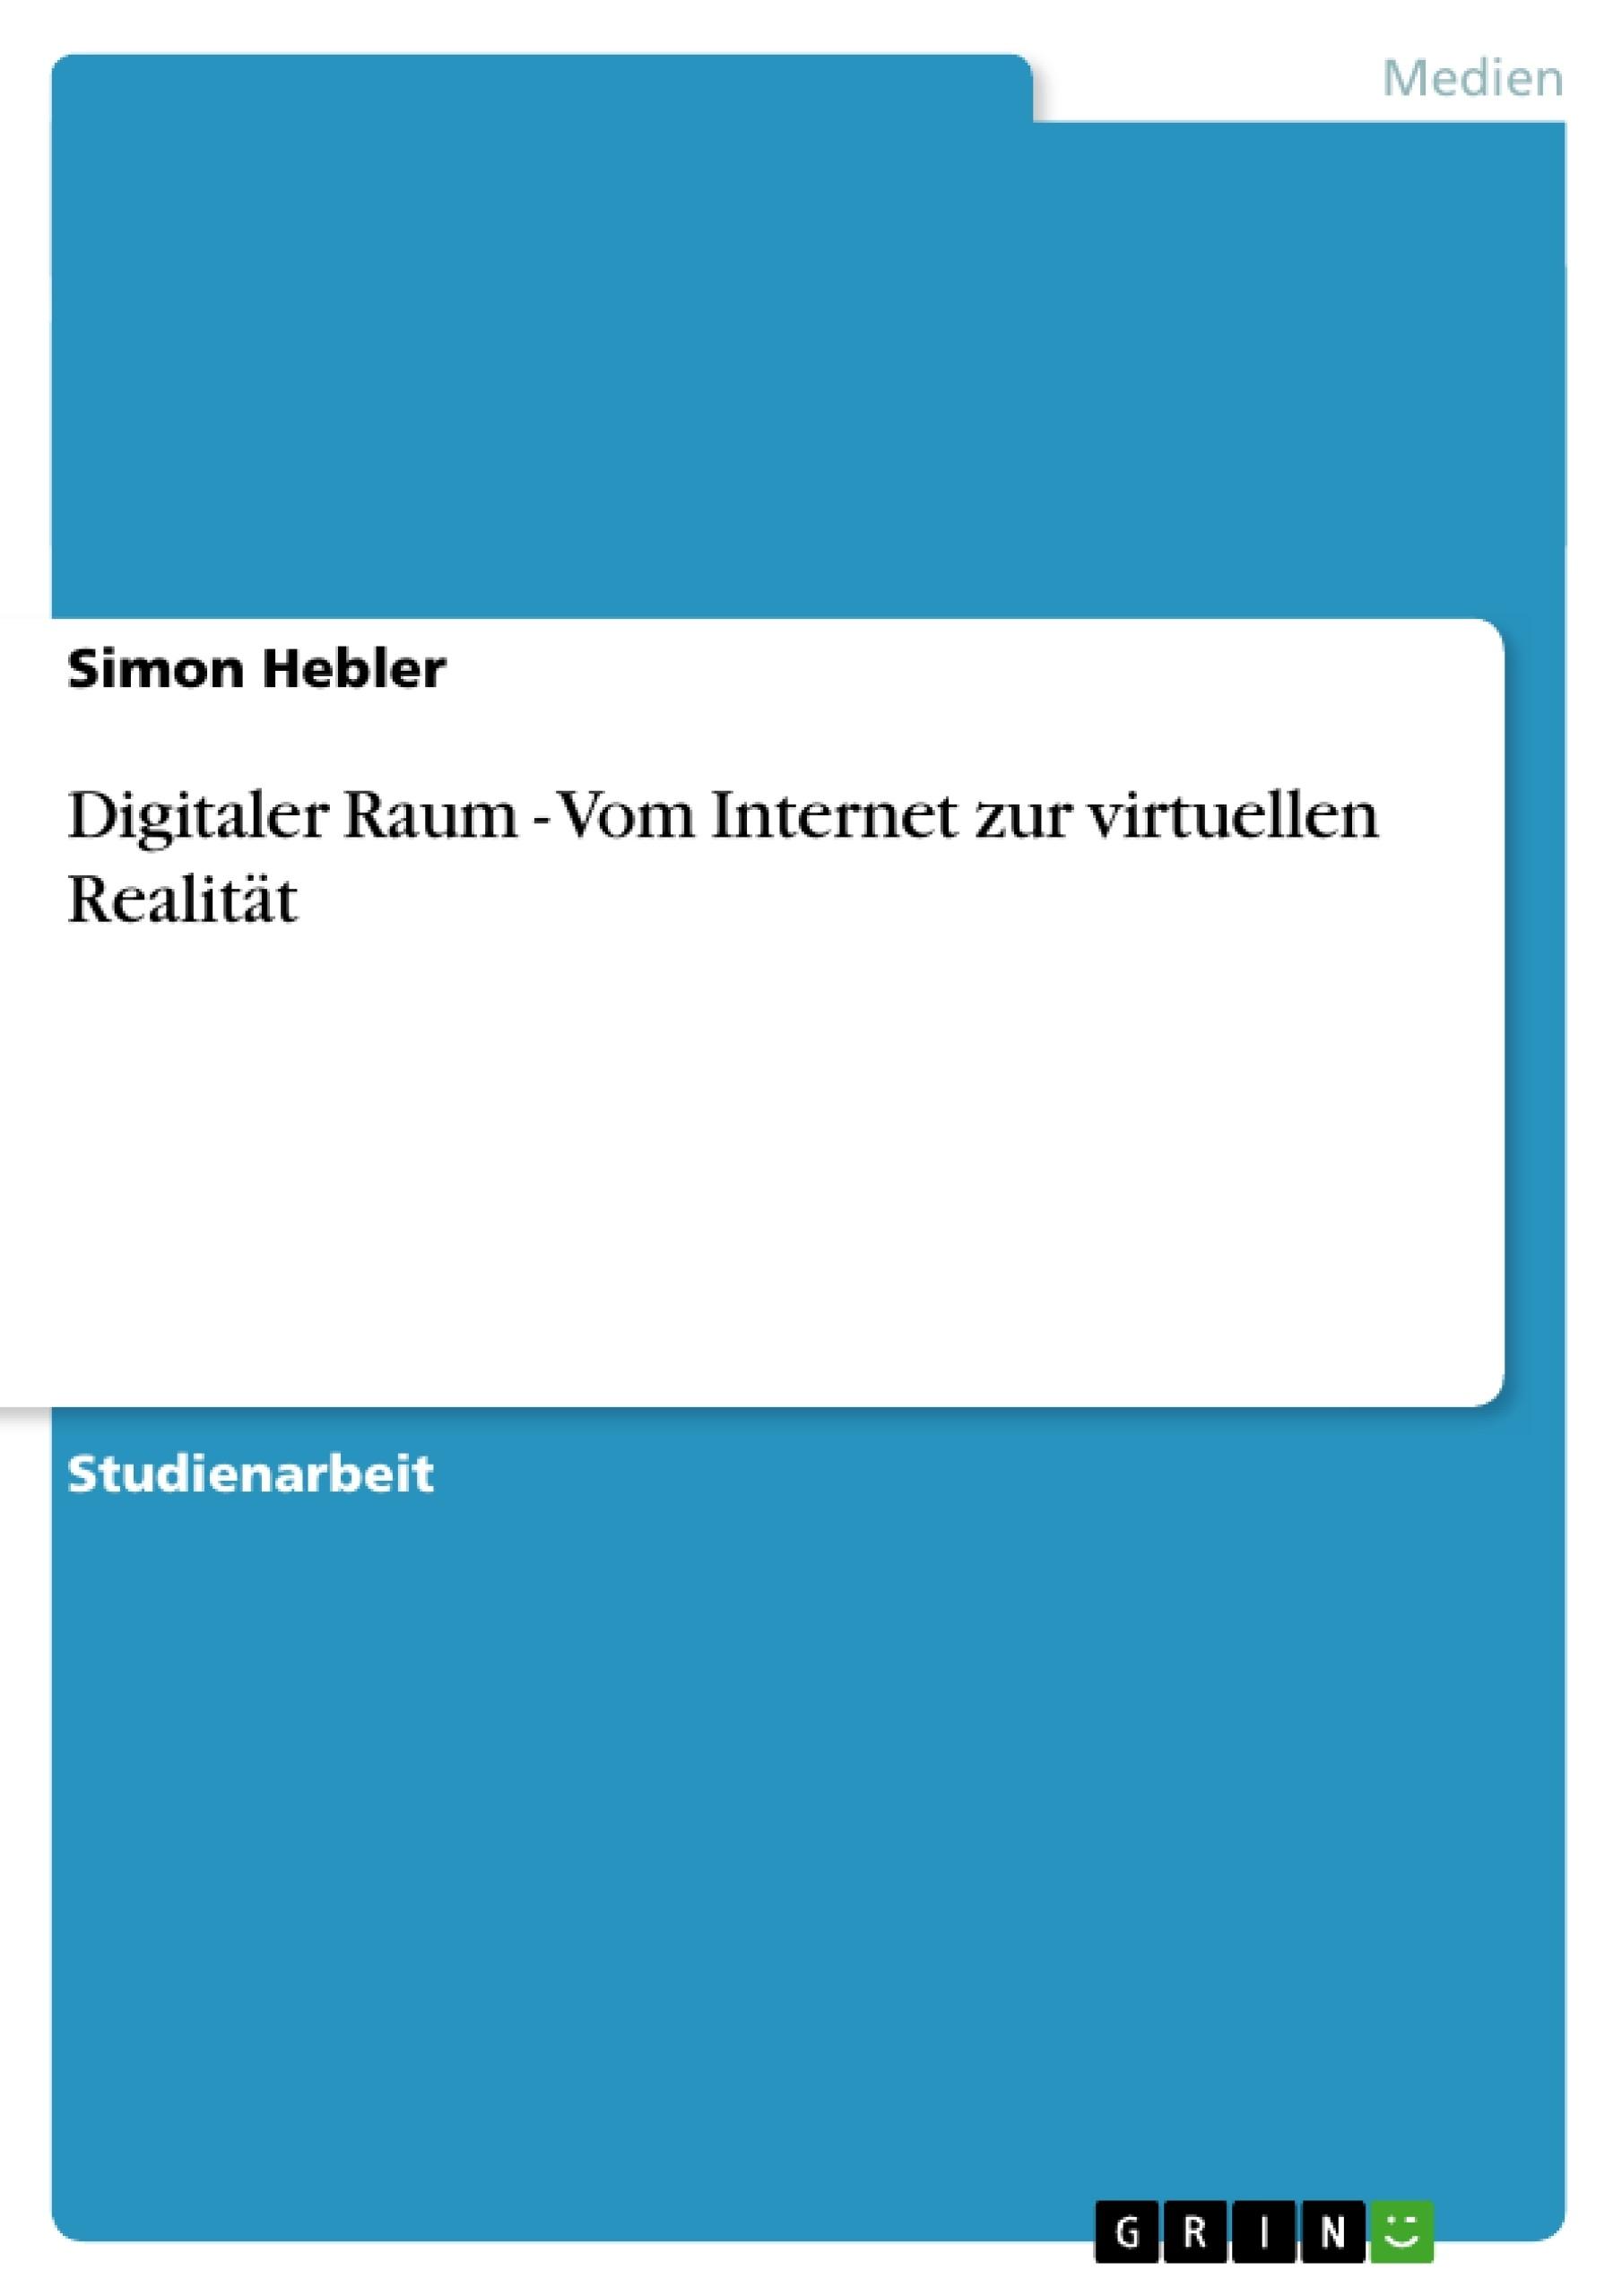 Titel: Digitaler Raum - Vom Internet zur virtuellen Realität